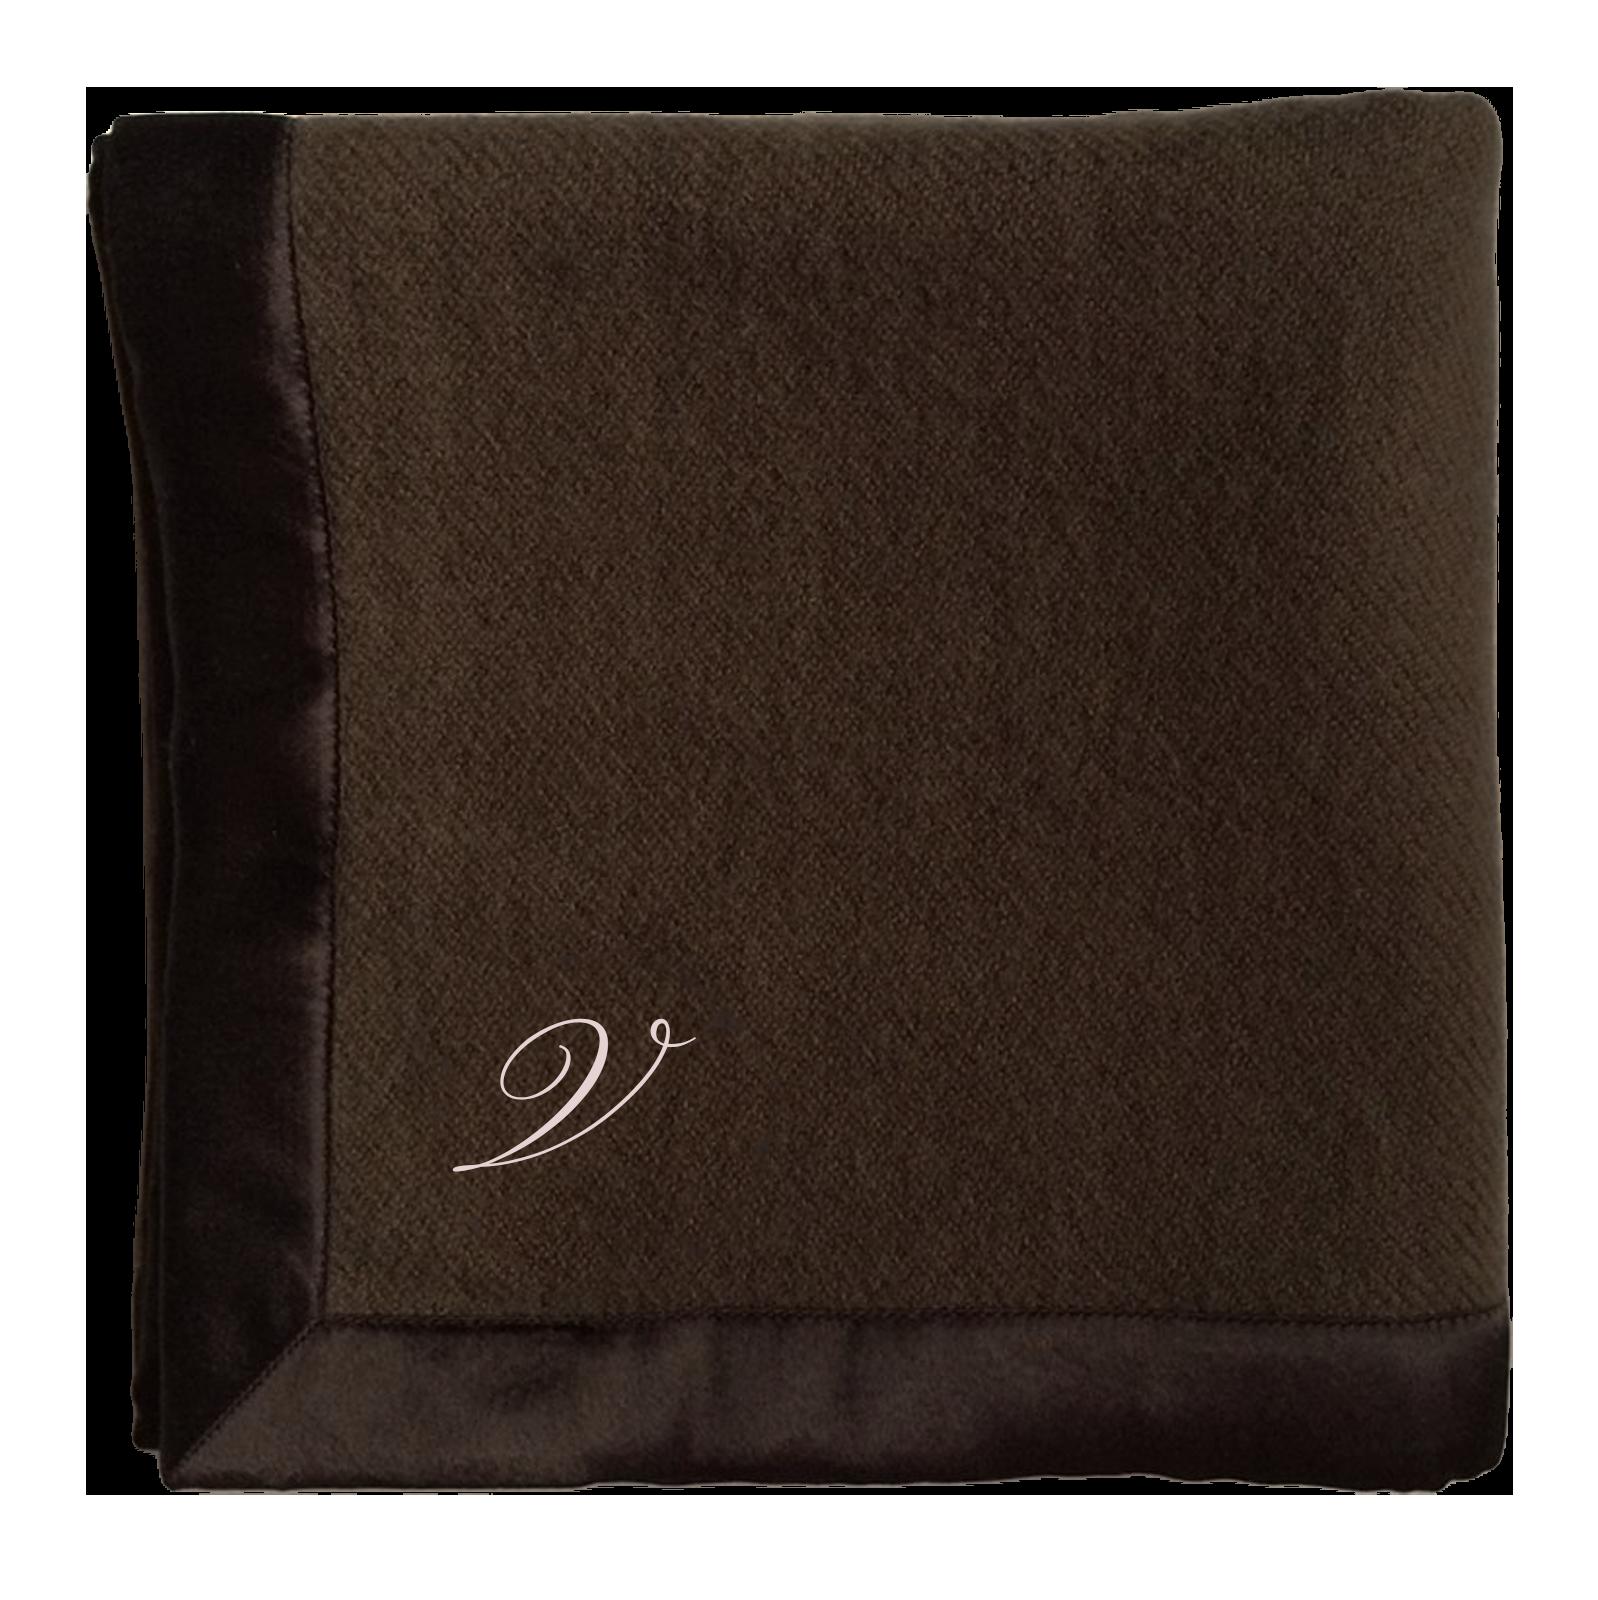 Virkotiechocolate 100 Cashmere Baby Blanket Cashmere Baby Blanket Baby Blanket Cashmere